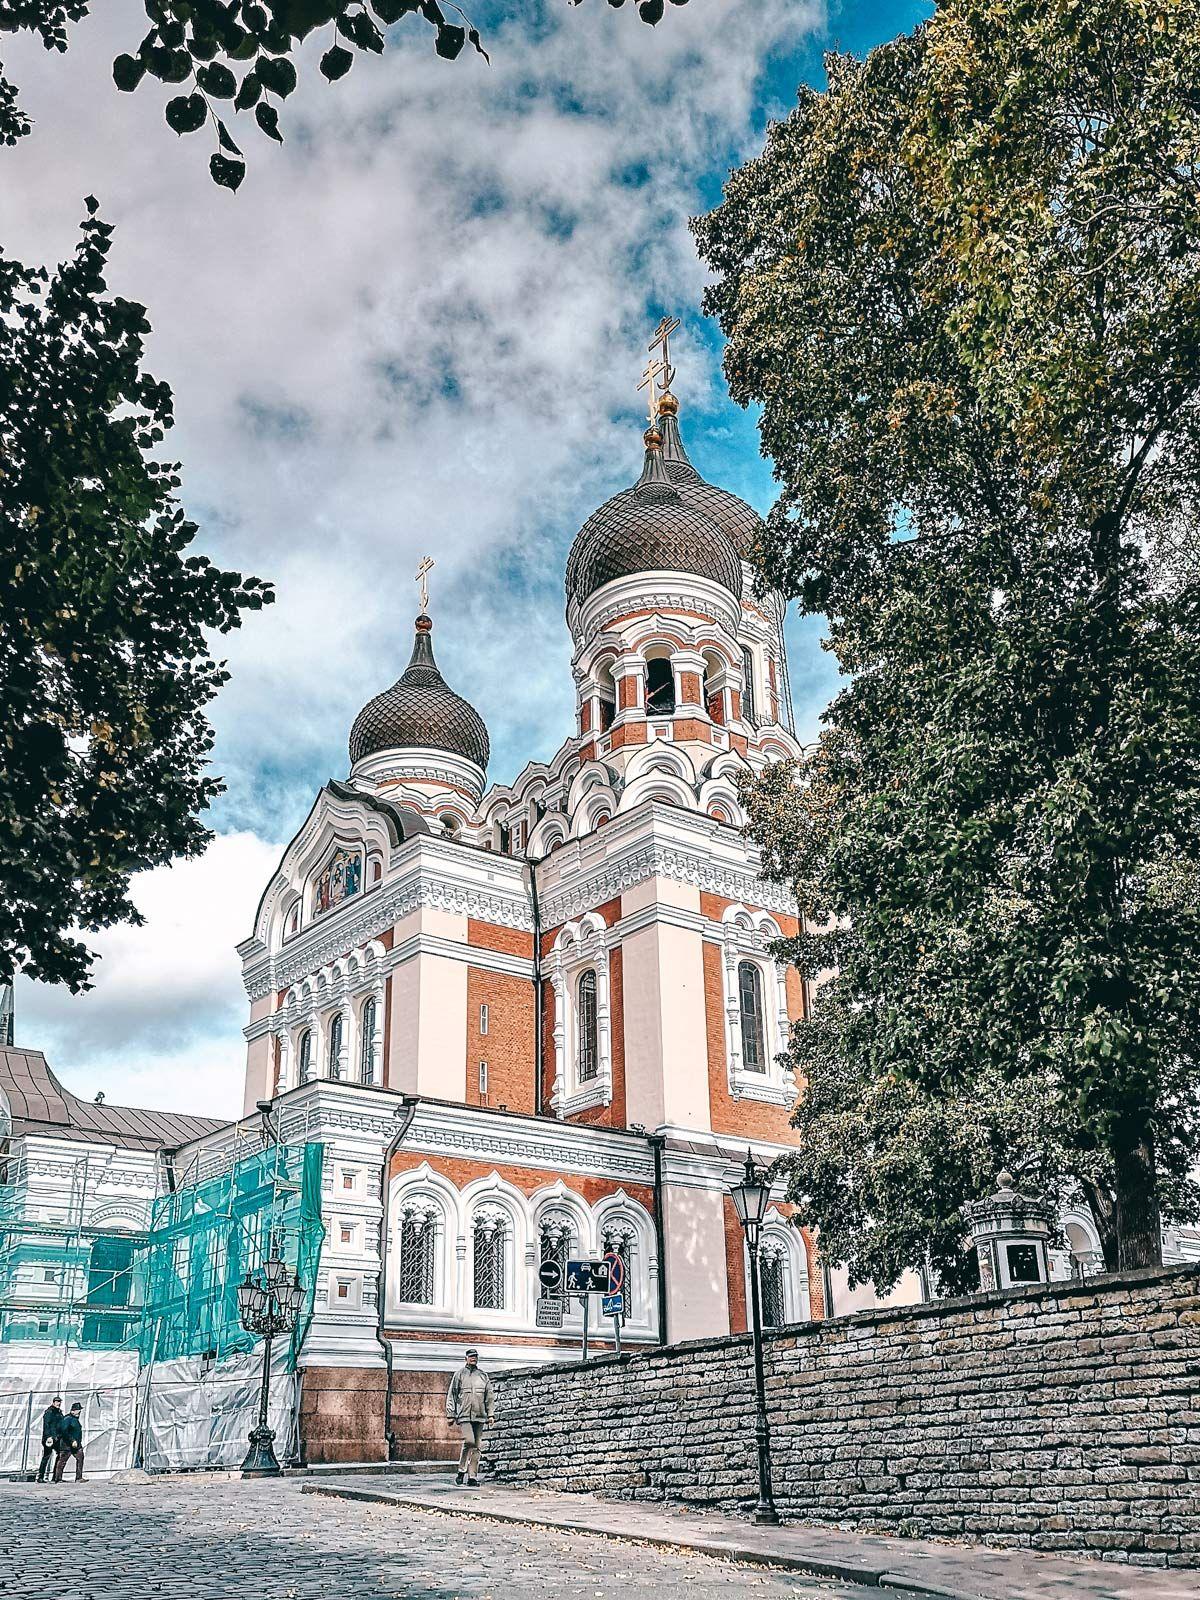 7 Tallinn Reisetipps Fur Einen Wunderschones Wochenende In Estland Reisetipps Reisen Europa Reisen